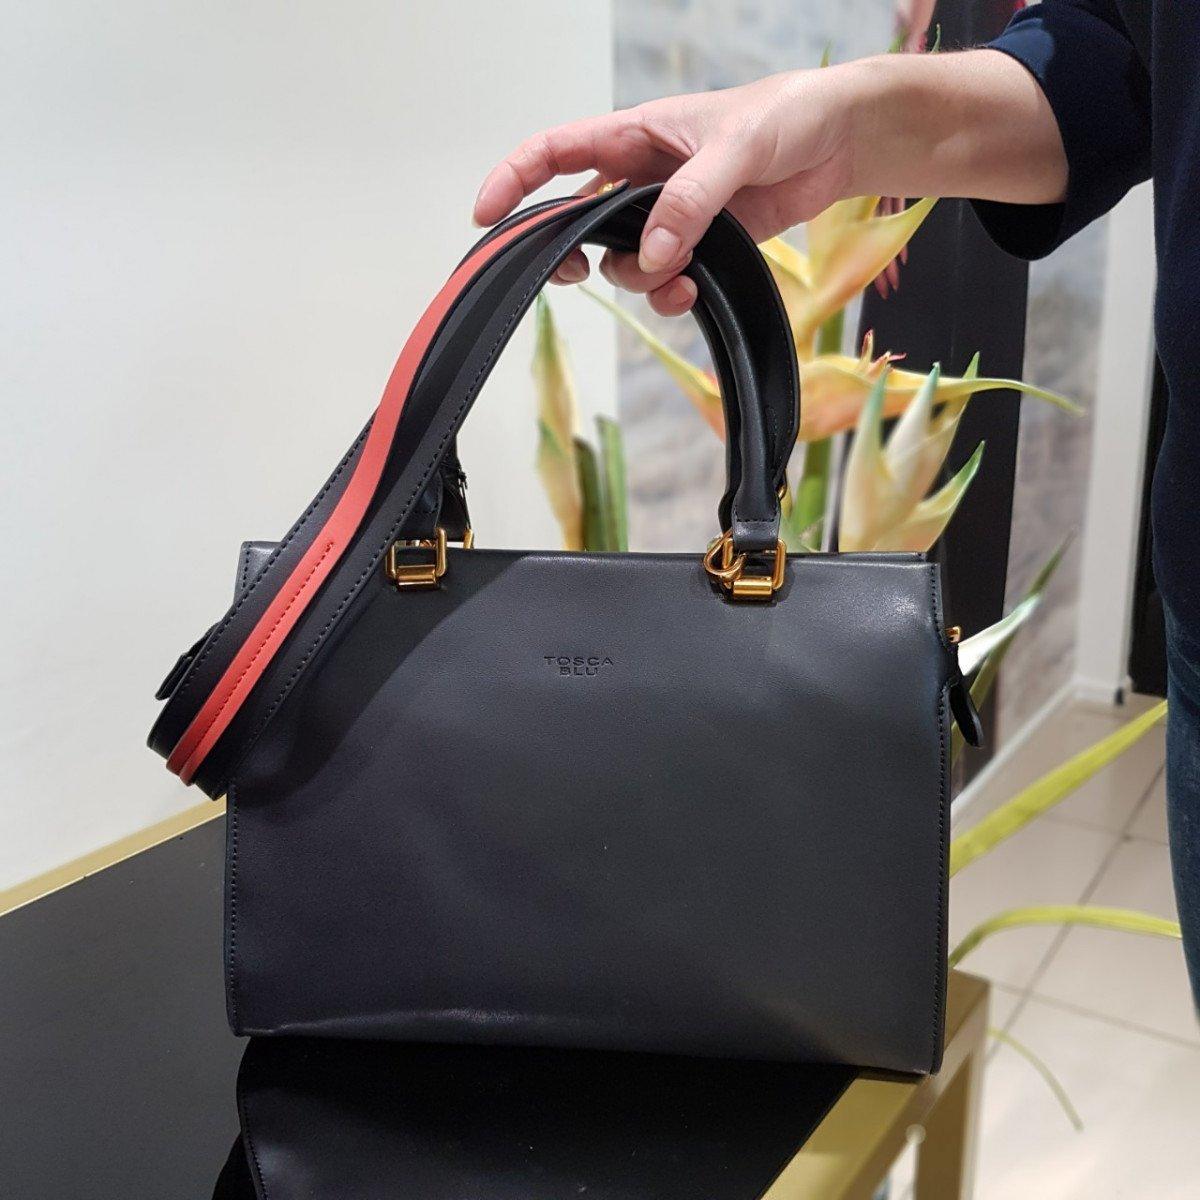 Женская кожаная сумка Tosca Blu TF19PB312 black dark red из натуральной кожи